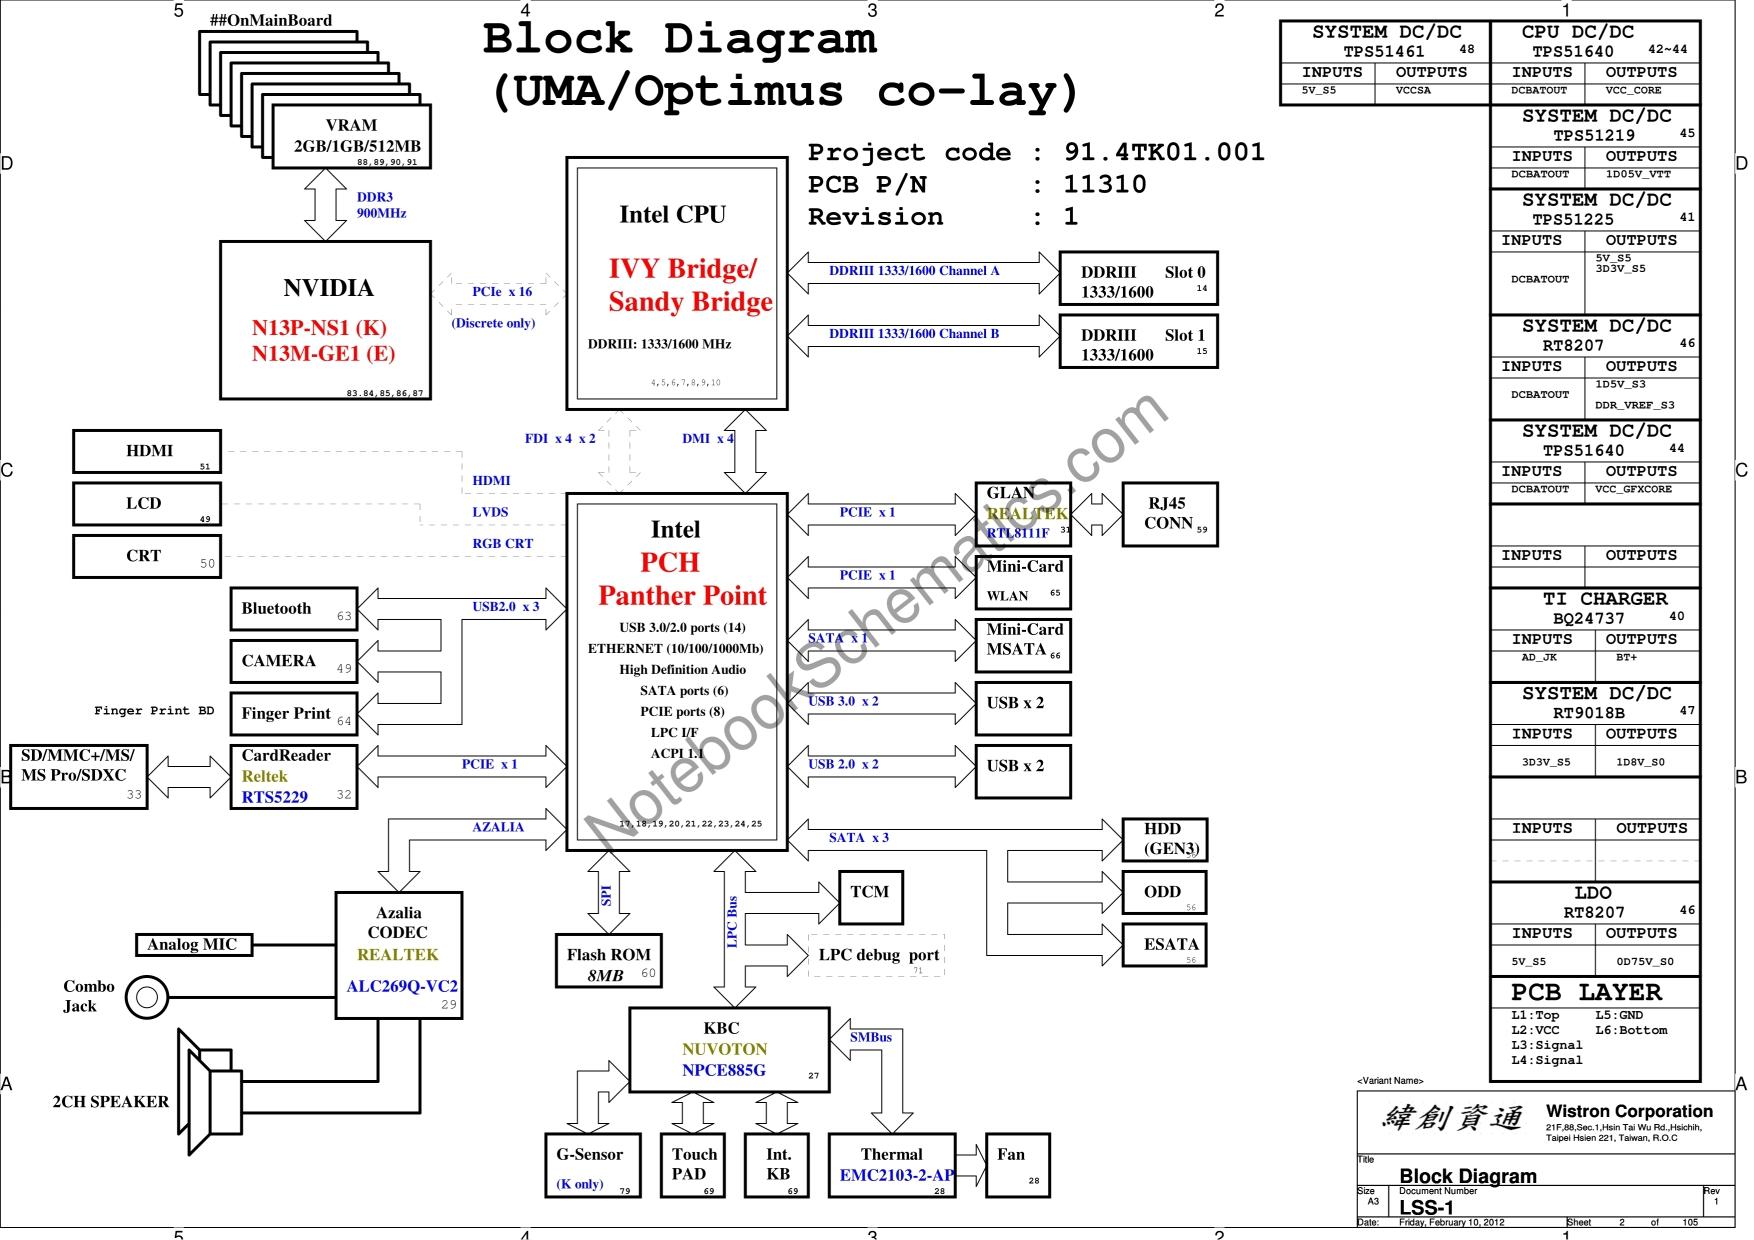 lenovo ideapad e49al schematic  u2013 wistron lss1 schematic